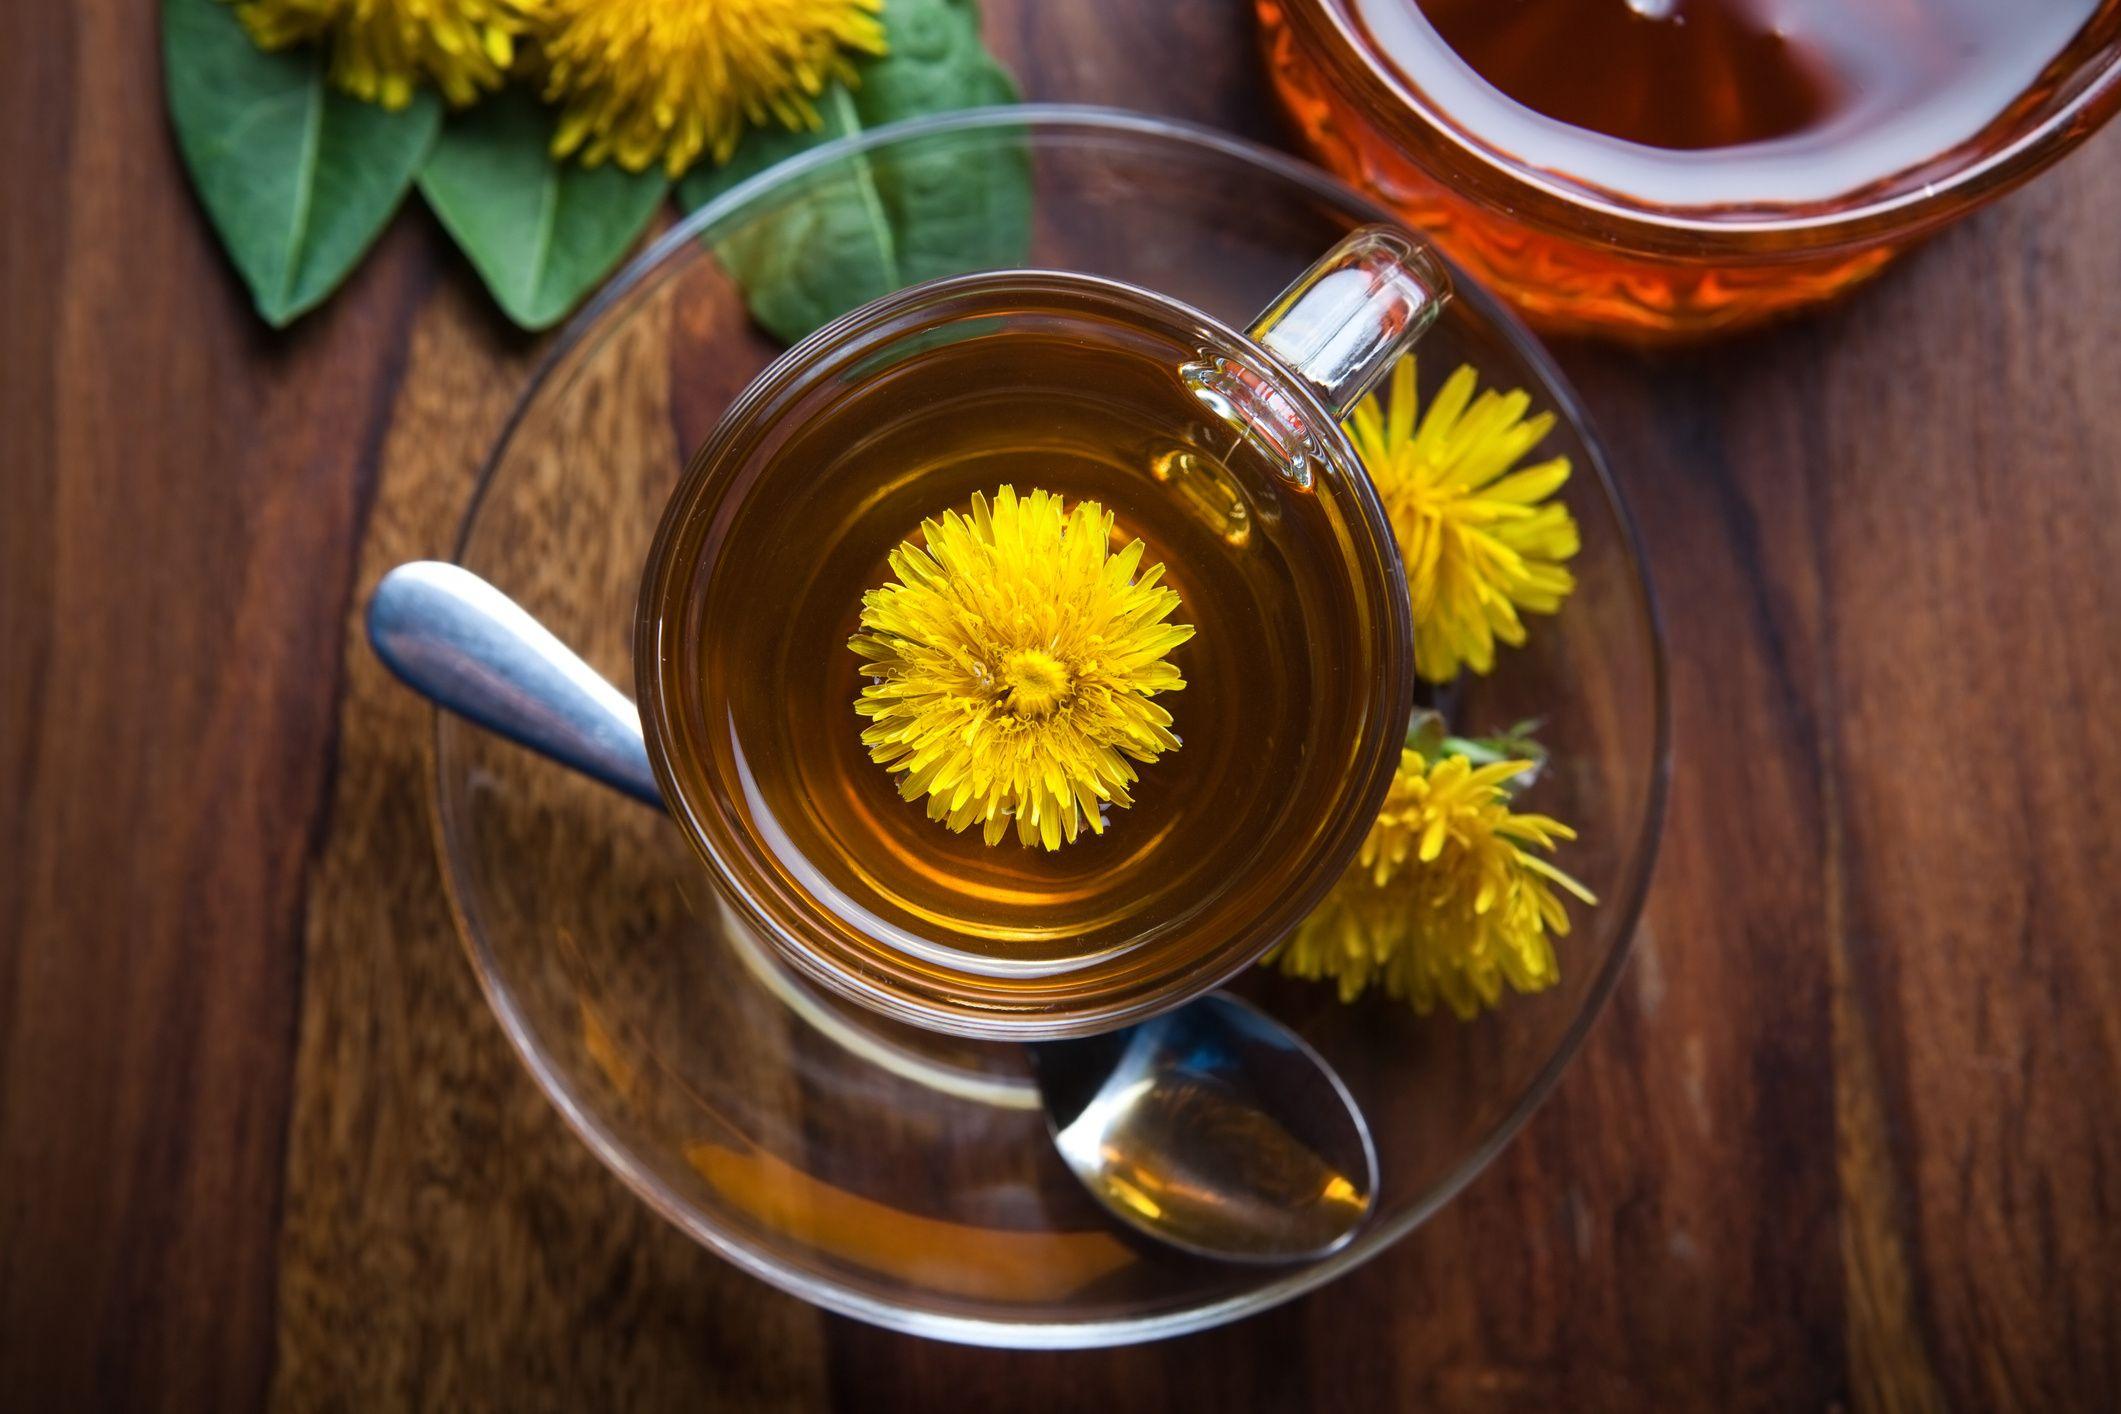 Fogyni szeretnél? Íme 5 szuperhatékony karcsúsító tea   gulacsigalery.hu